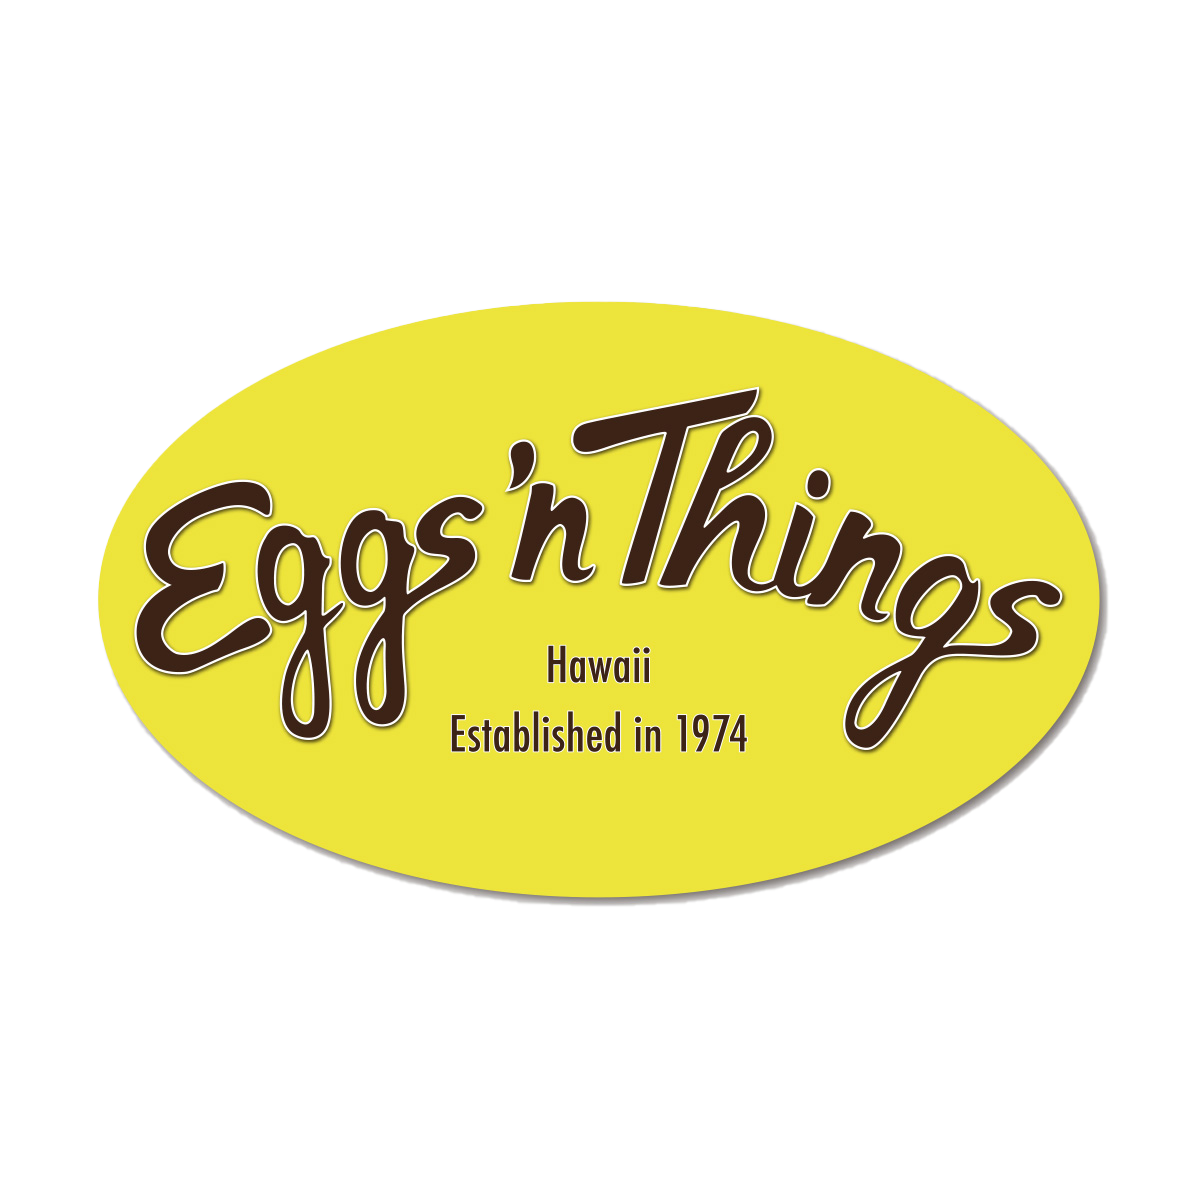 Eggs N Things.png